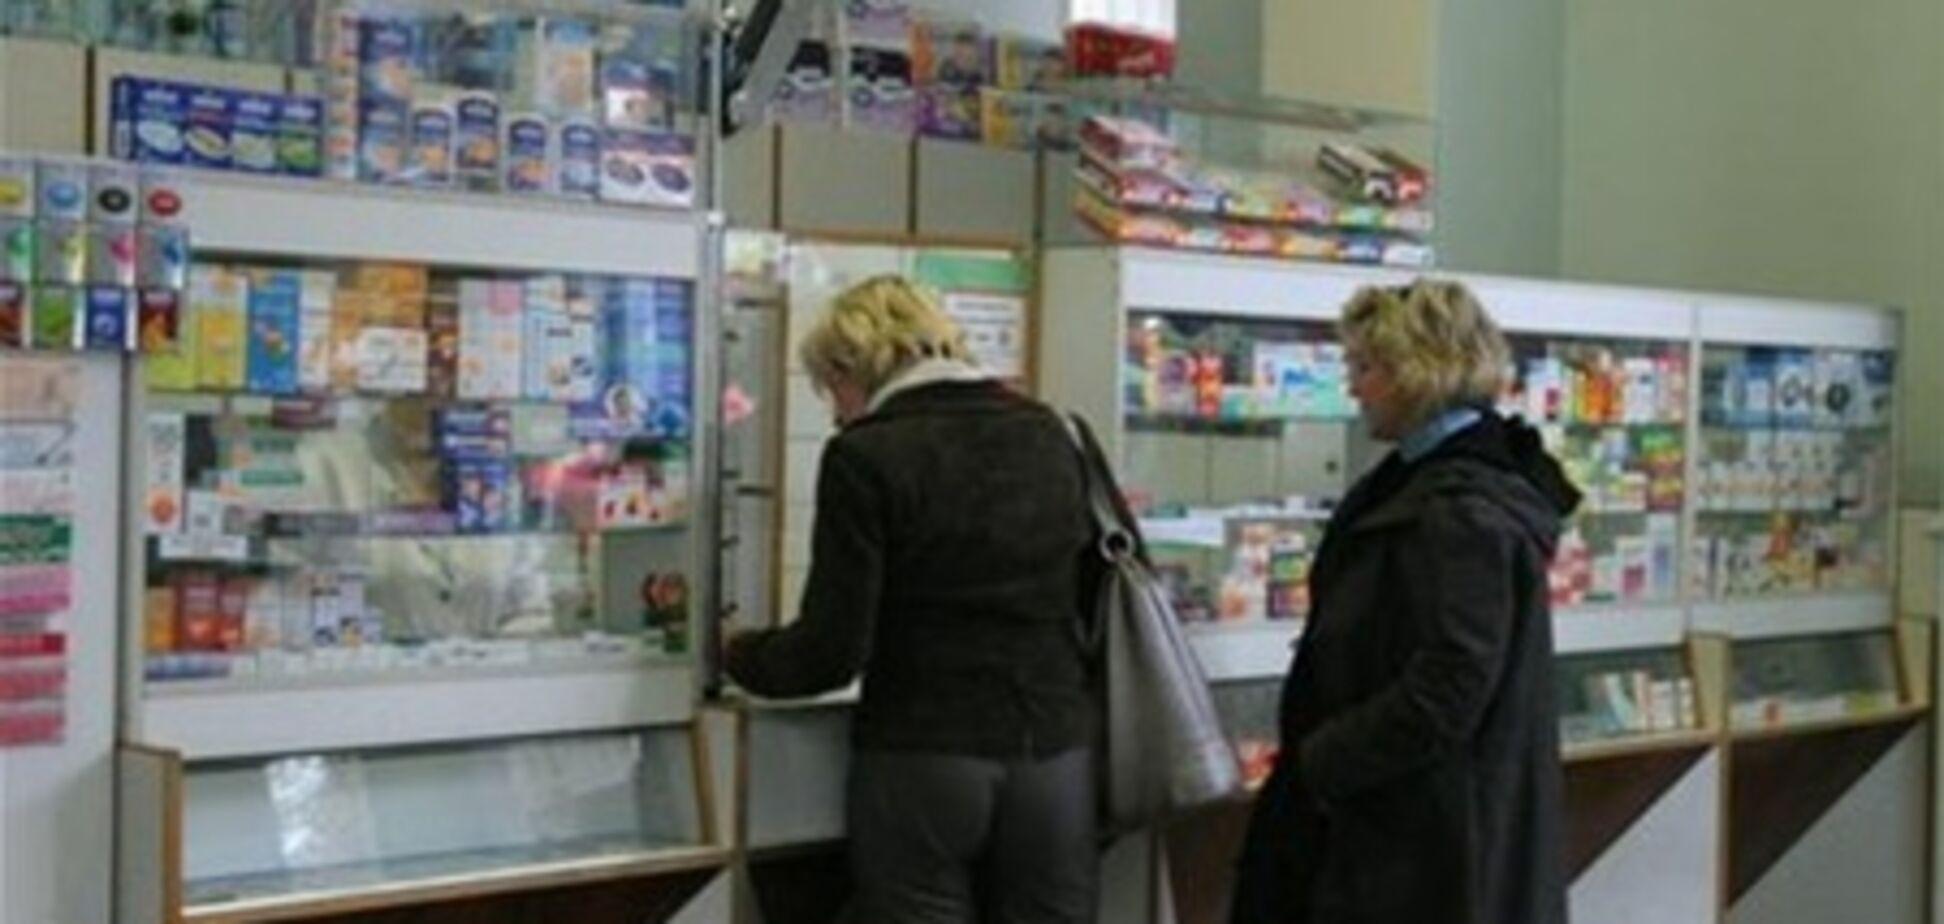 Аптеки, парикмахерские, отделения банков, магазины, нотариальные конторы выгоняют